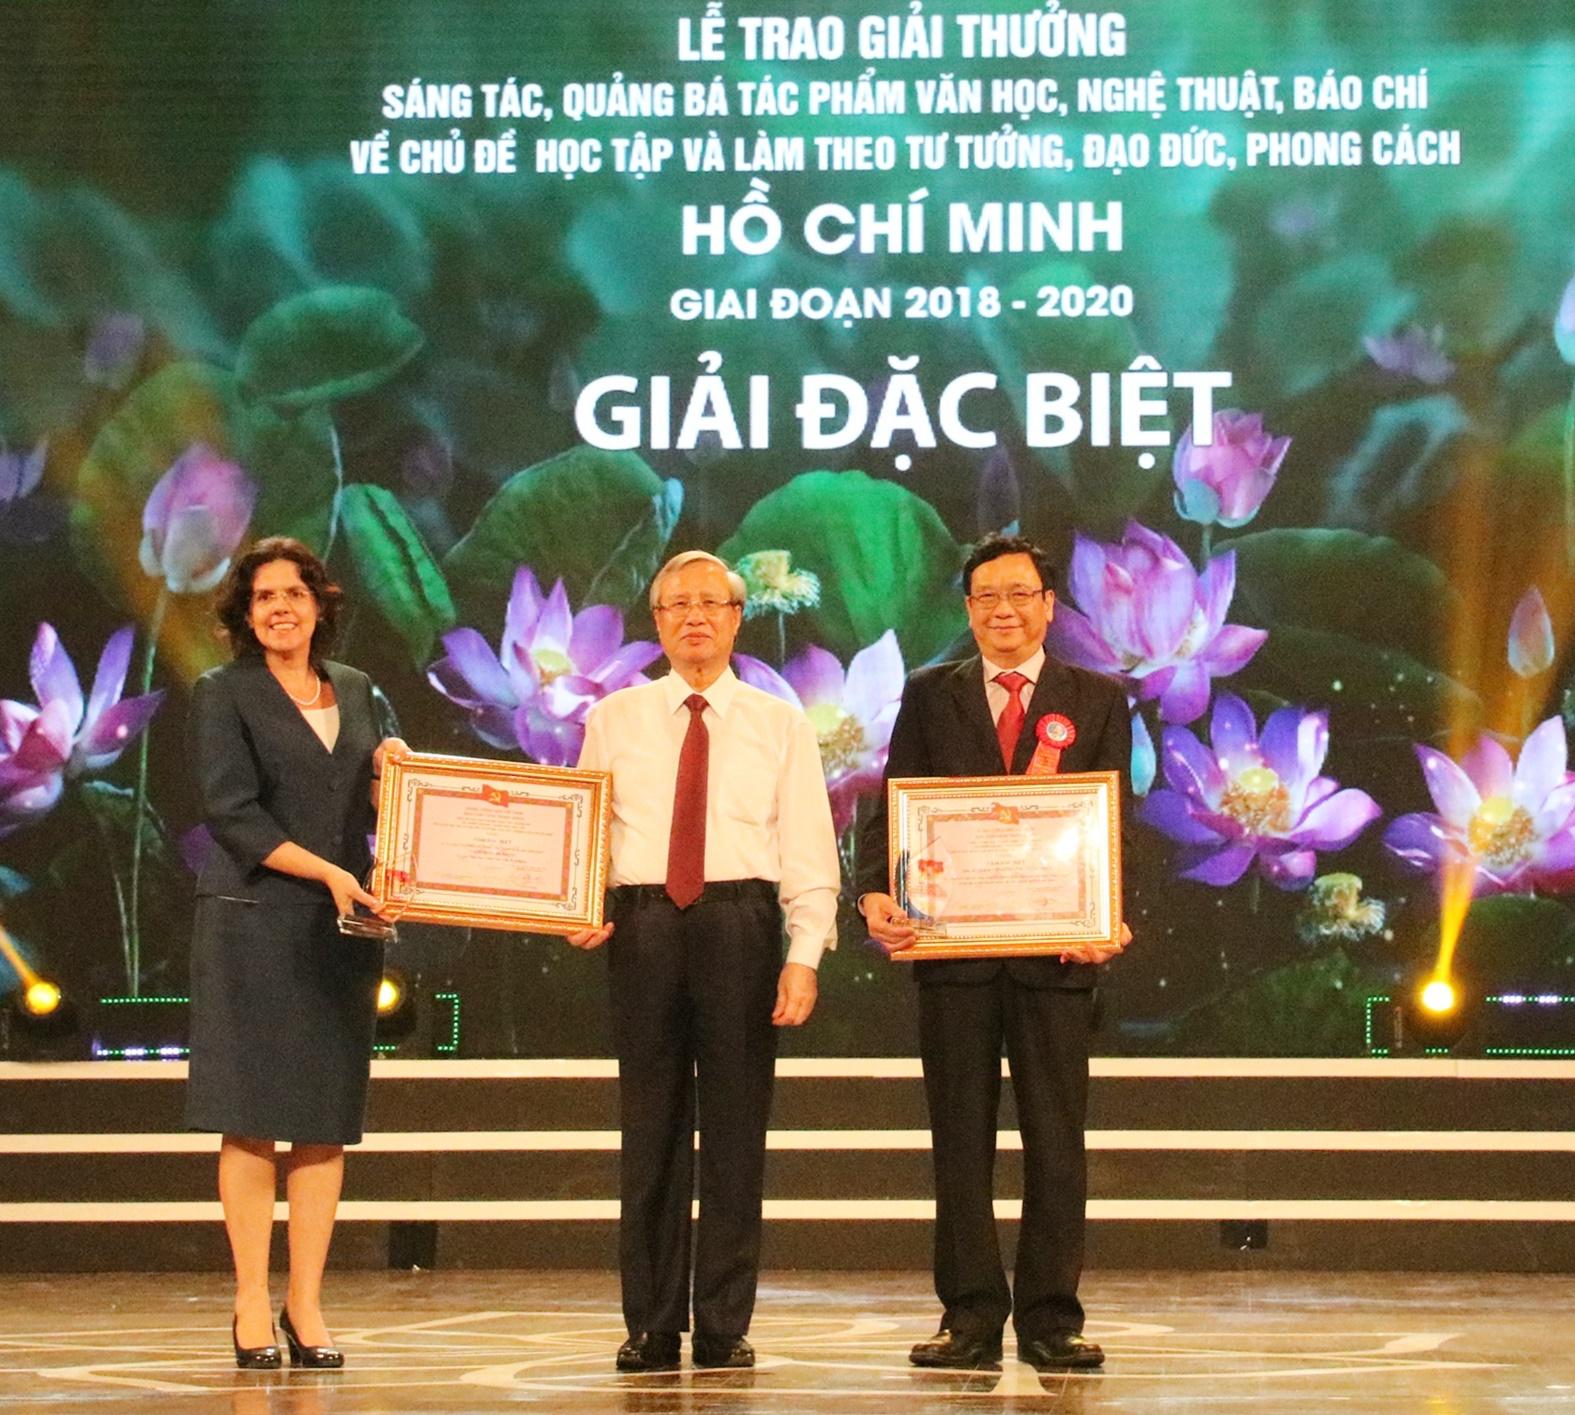 228 tác phẩm về Học tập Bác được tôn vinh, trao thưởng